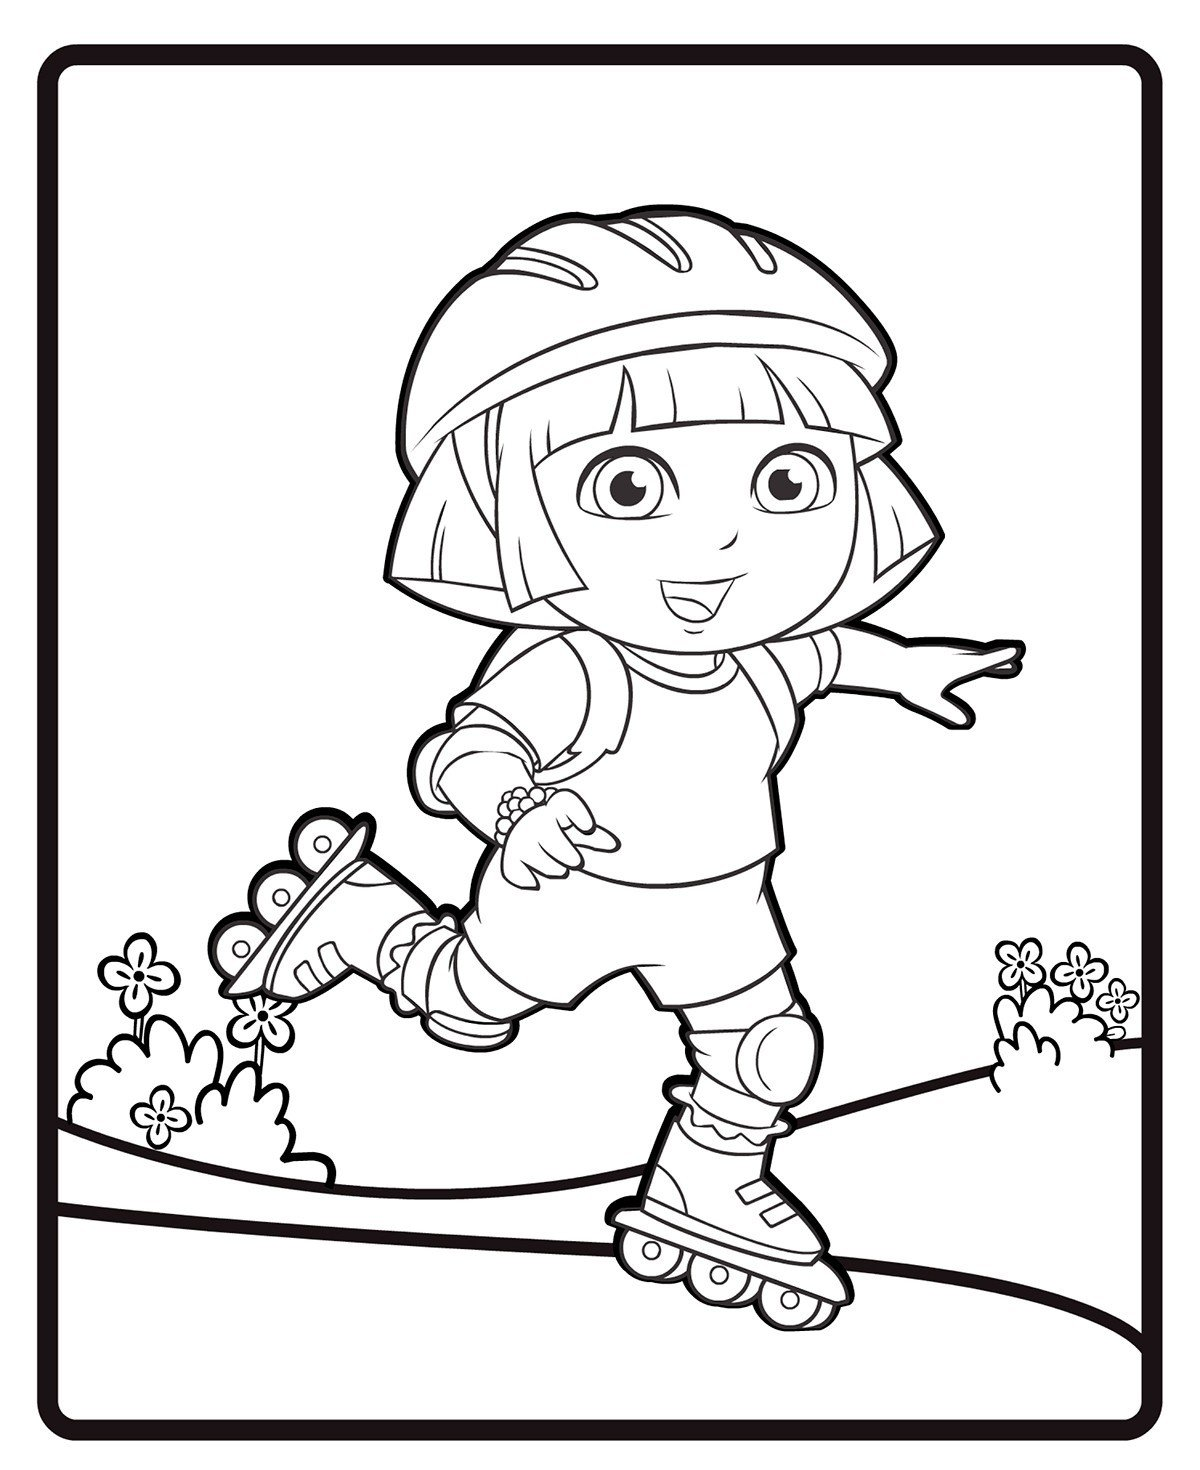 Раскраска Башмачок на скейте - распечатать бесплатно в ...